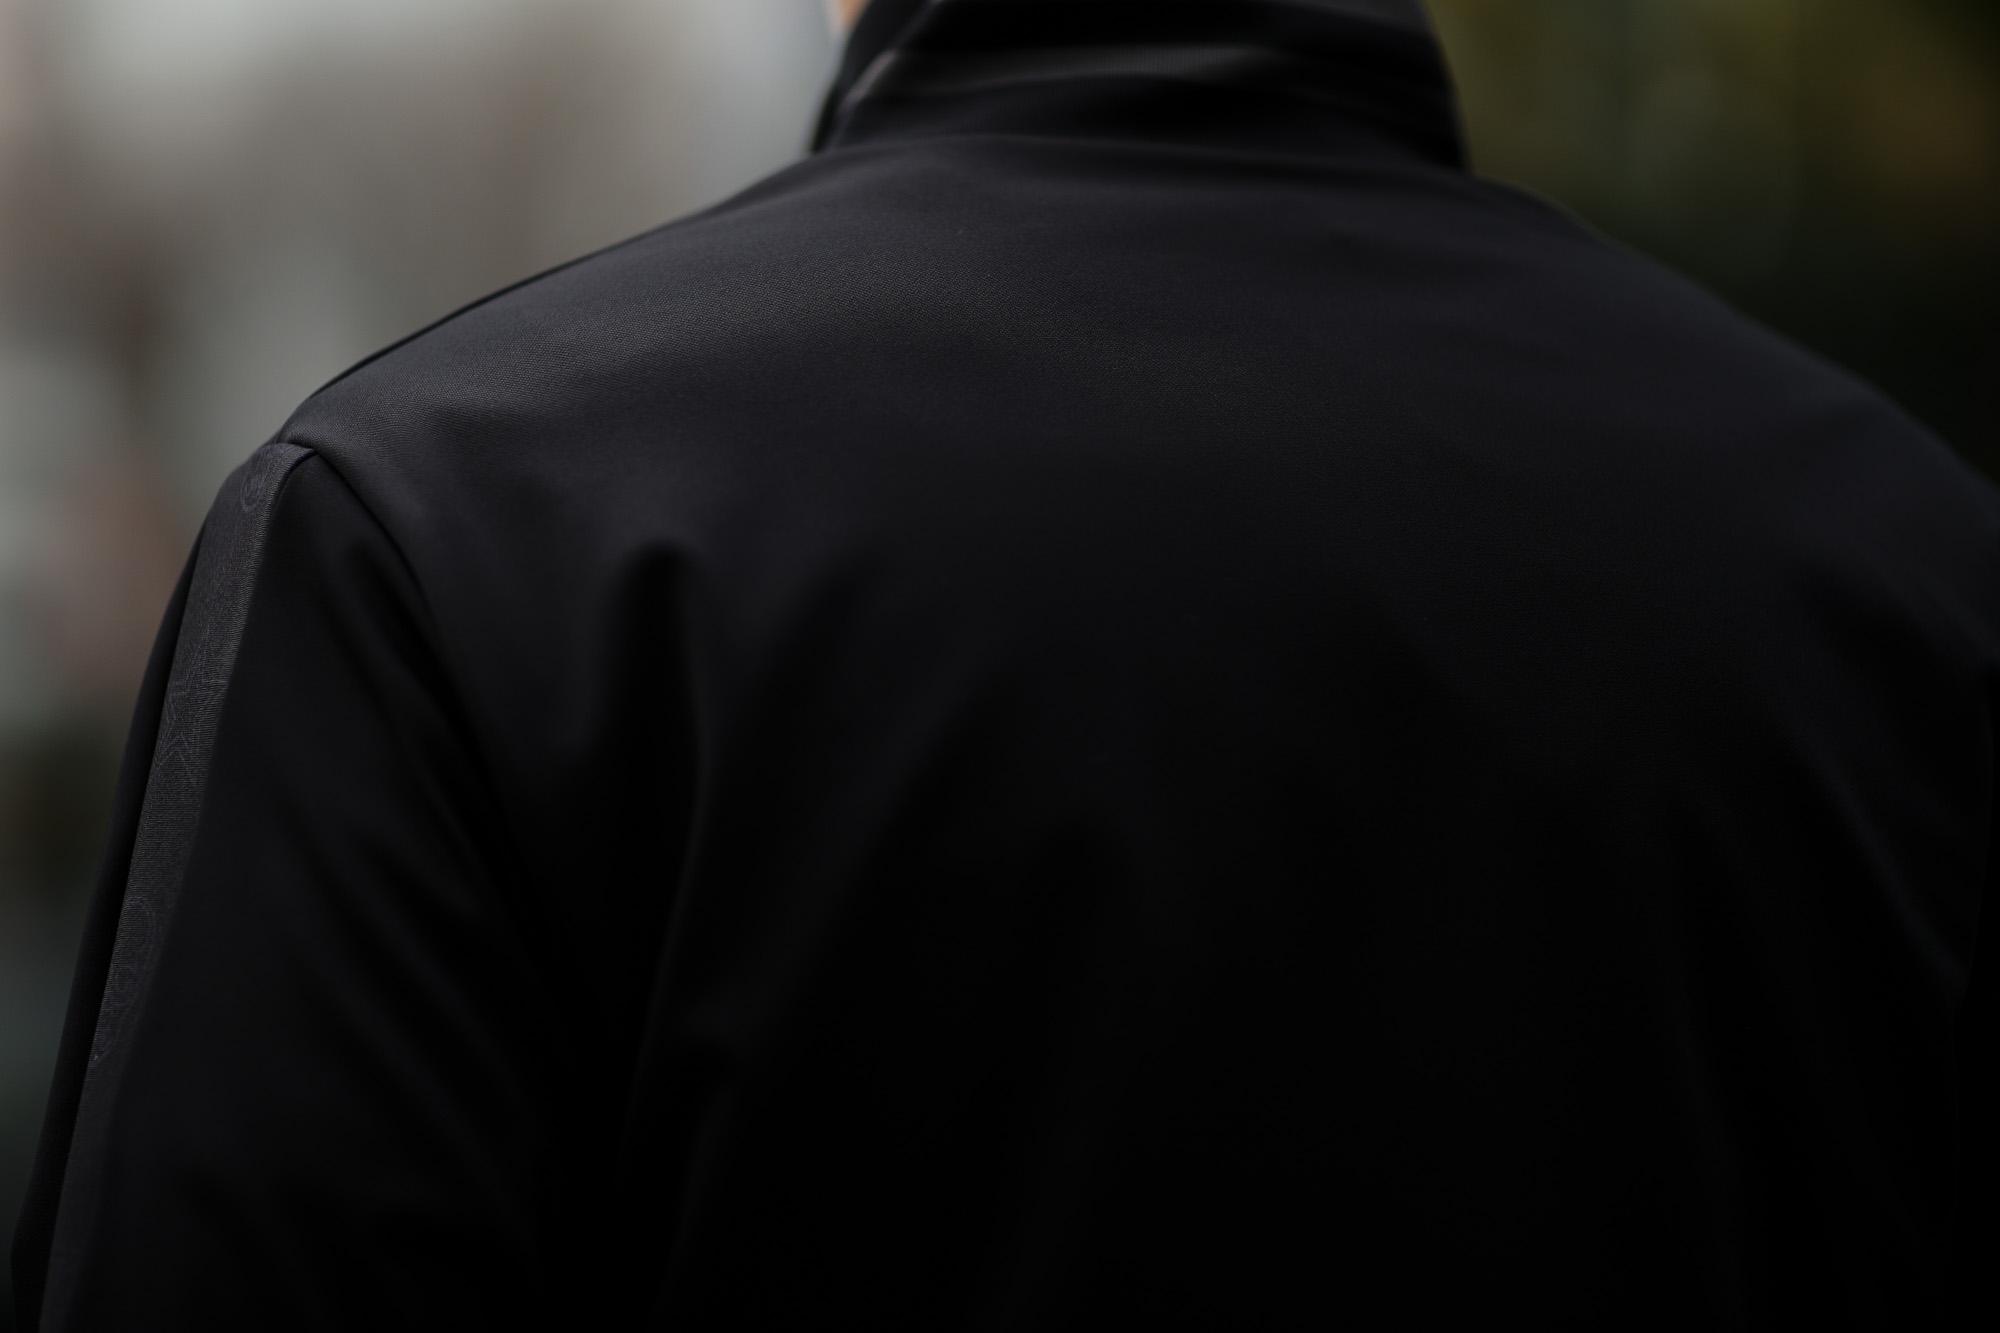 lucien pellat-finet (ルシアン ペラフィネ) Track Jacket スカルスターバンド ハイネック ジップジャケット BLACK (ブラック) MADE IN JAPAN (日本製) 2019 春夏新作 lucienpellatfinet ルシアンペラフィネ alto e diritto アルトエデリット 愛知 名古屋 altoediritto